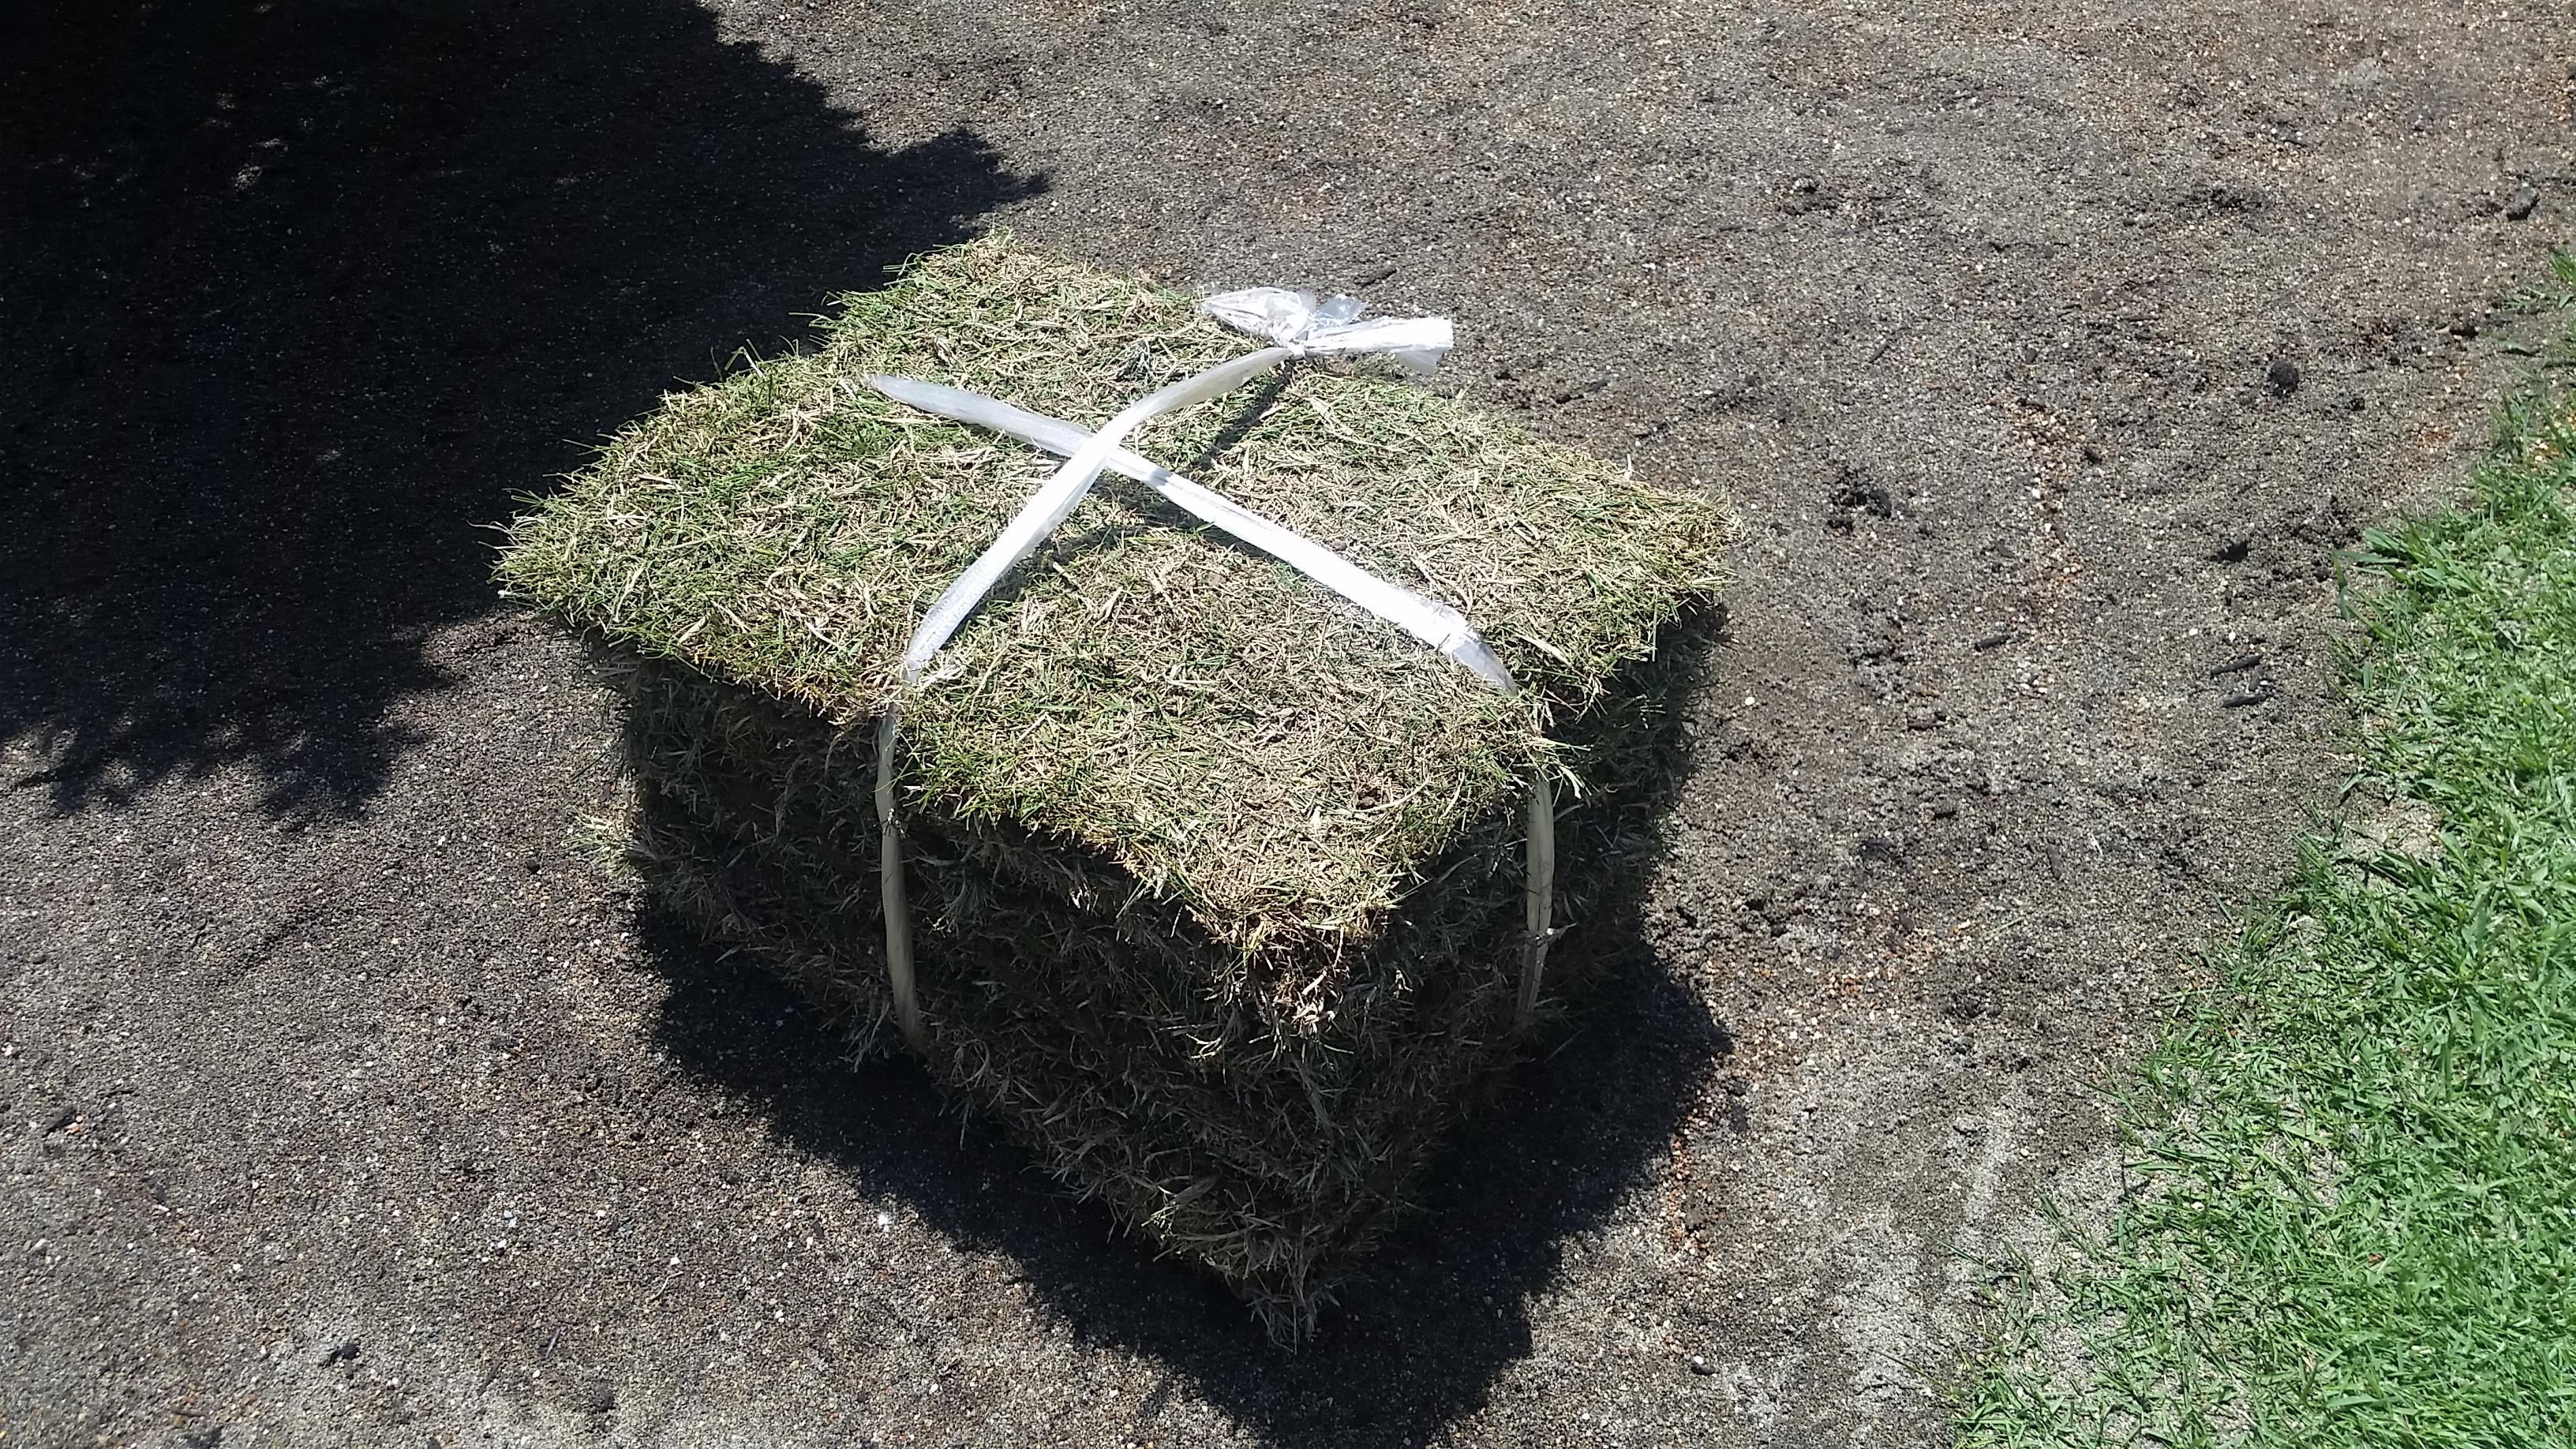 芝張りの方法!写真で分かりやすく解説😃✨